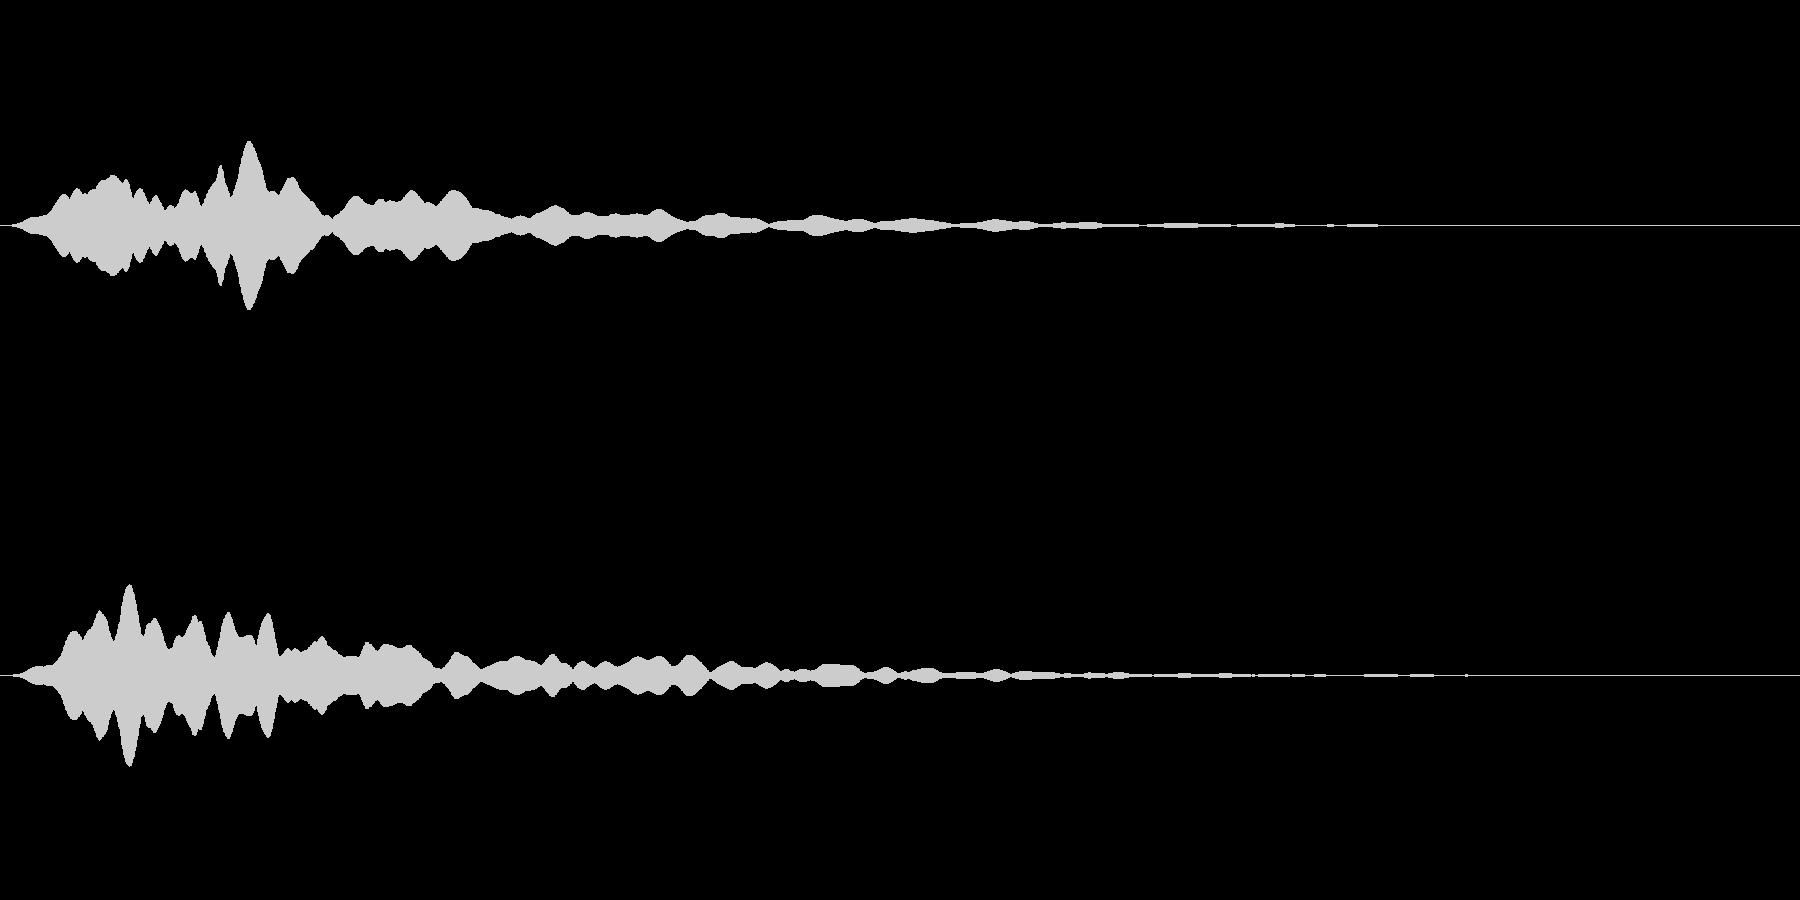 【パァー/ファー】シンセパッドの消失音の未再生の波形